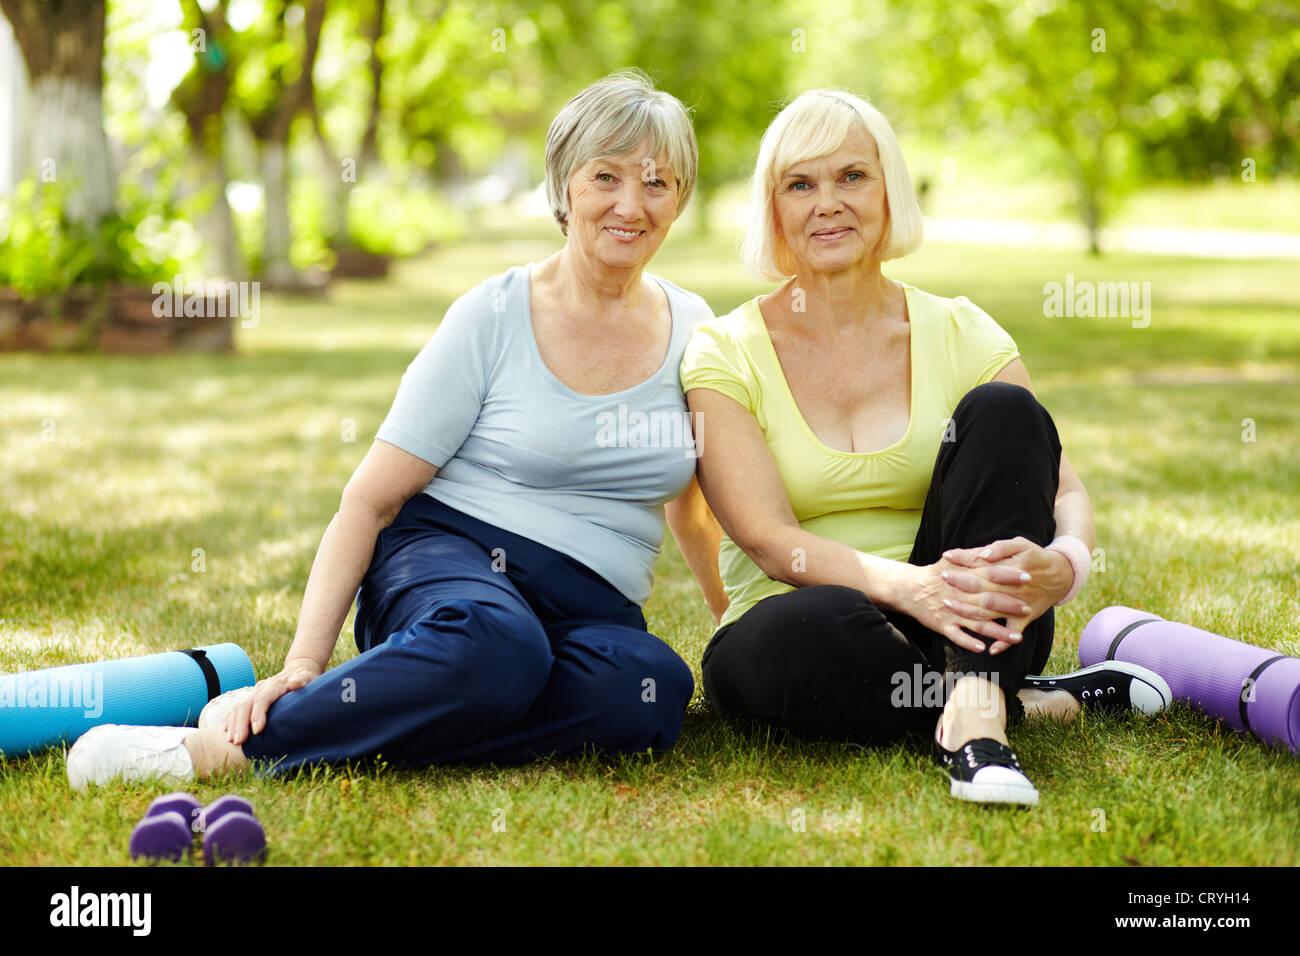 Sportbekleidung Für Damen Stockfotos & Sportbekleidung Für